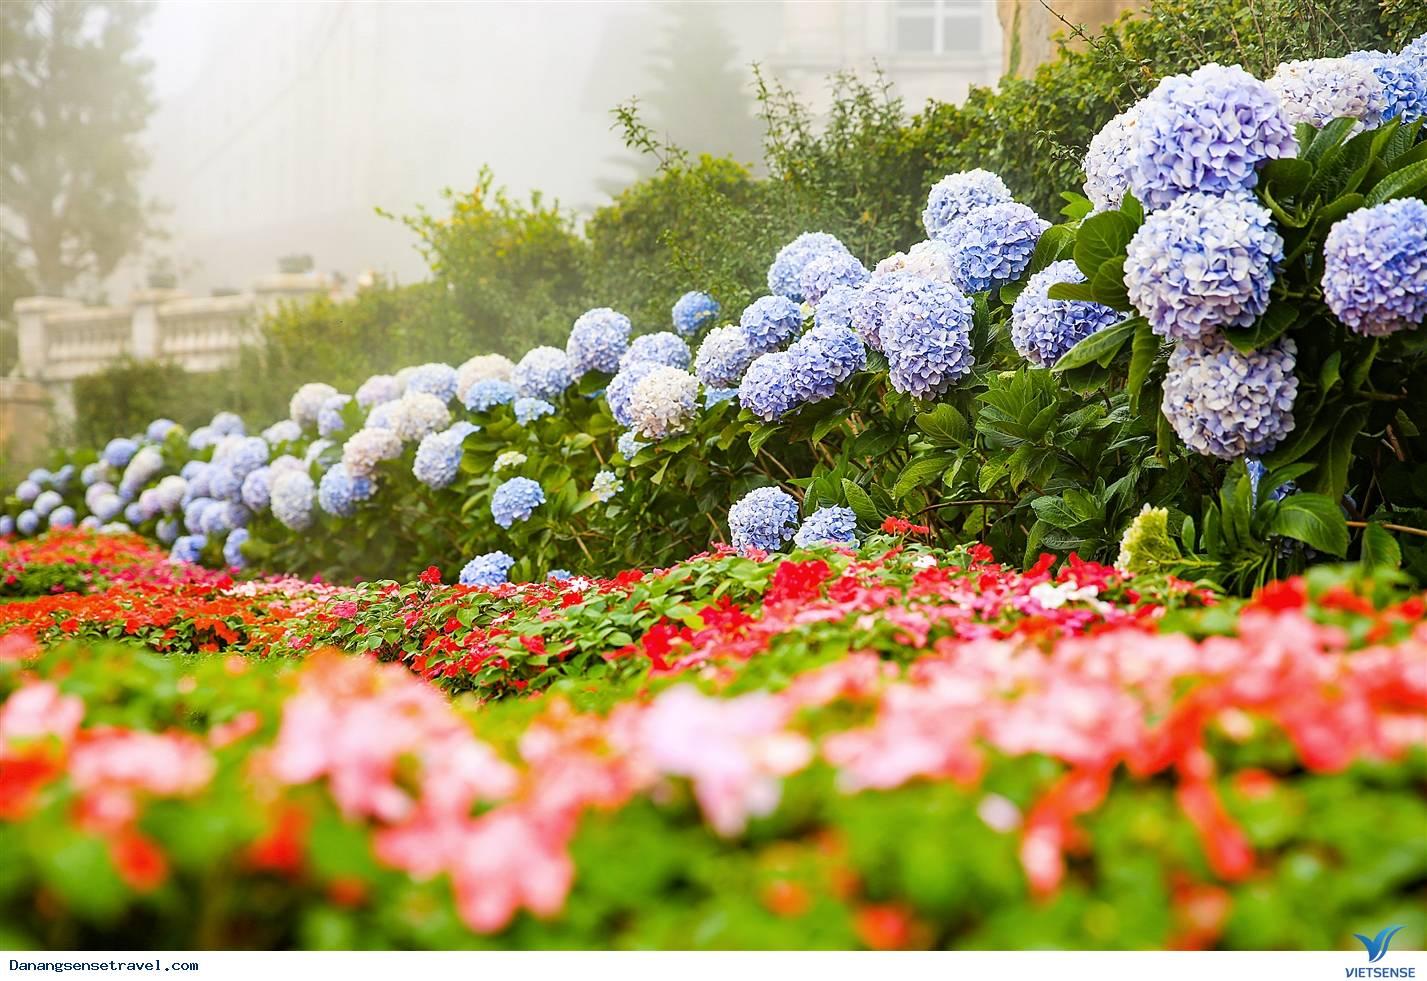 Du lịch Đà Nẵng- Bà Nà ngắm những loài hoa đua nở - Ảnh 2